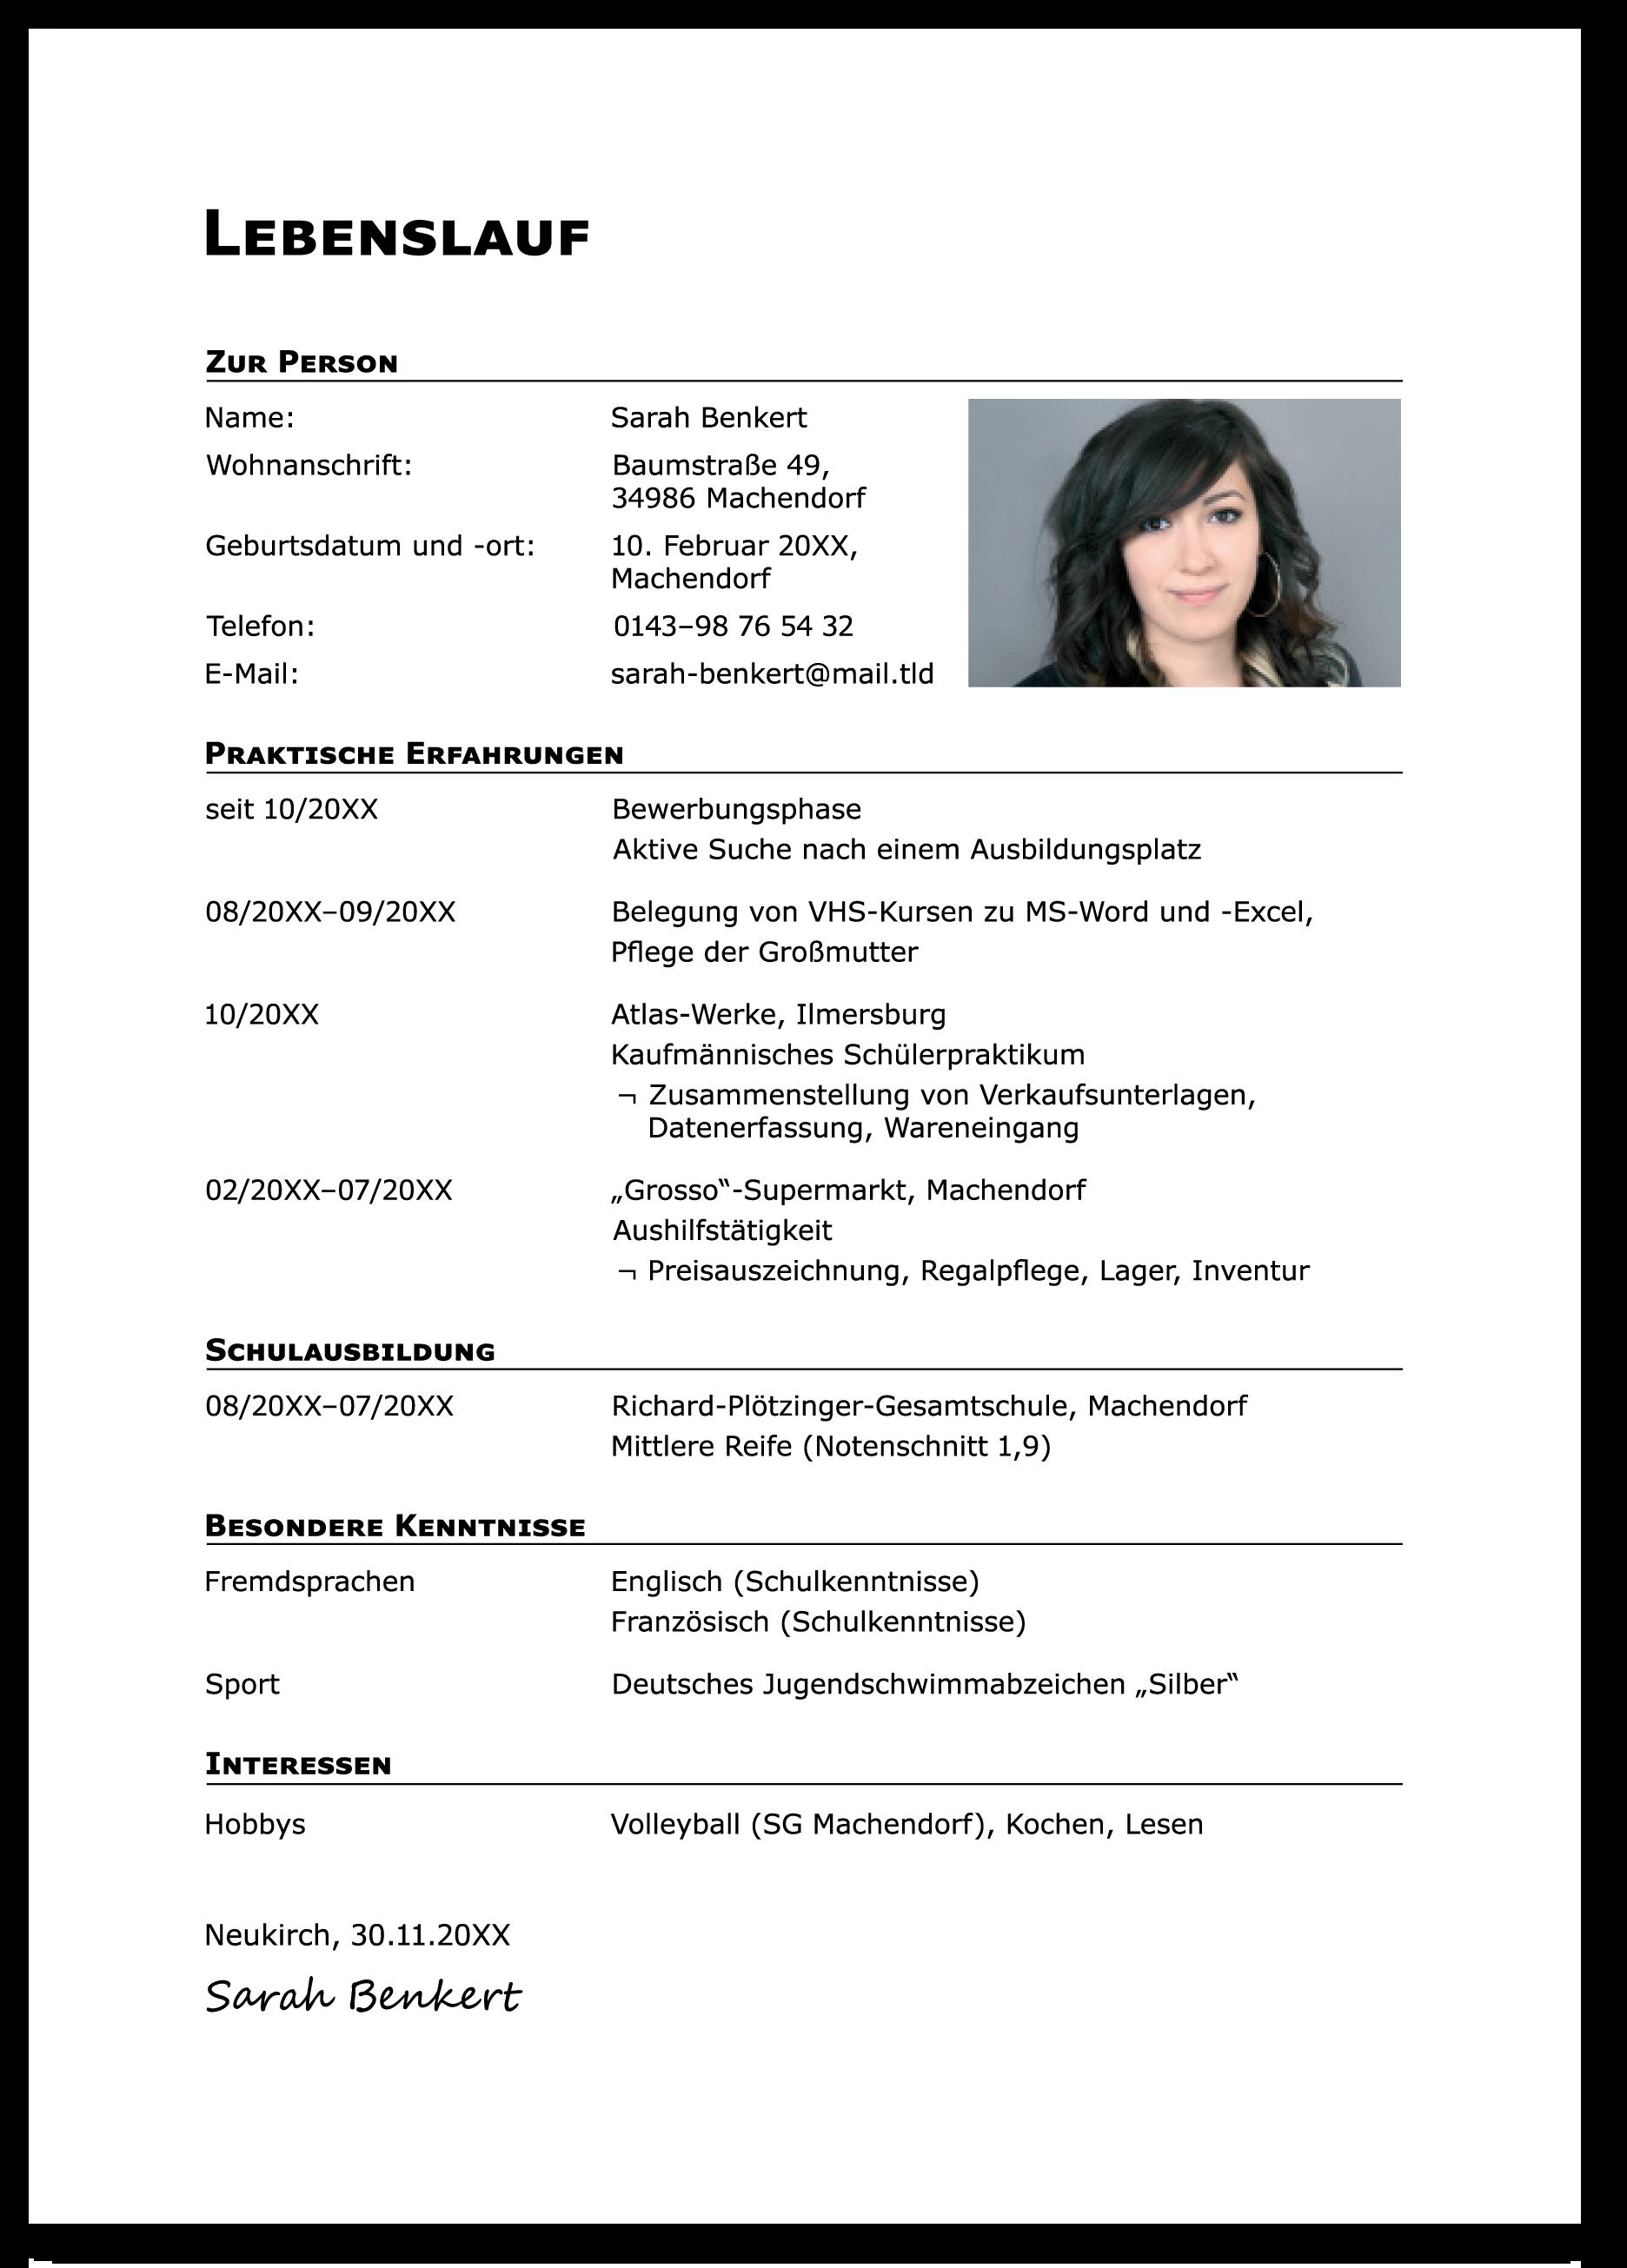 Frisch Der Perfekte Lebenslauf 2015 Briefprobe Briefformat Briefvorlage Perfekter Lebenslauf Vorlagen Lebenslauf